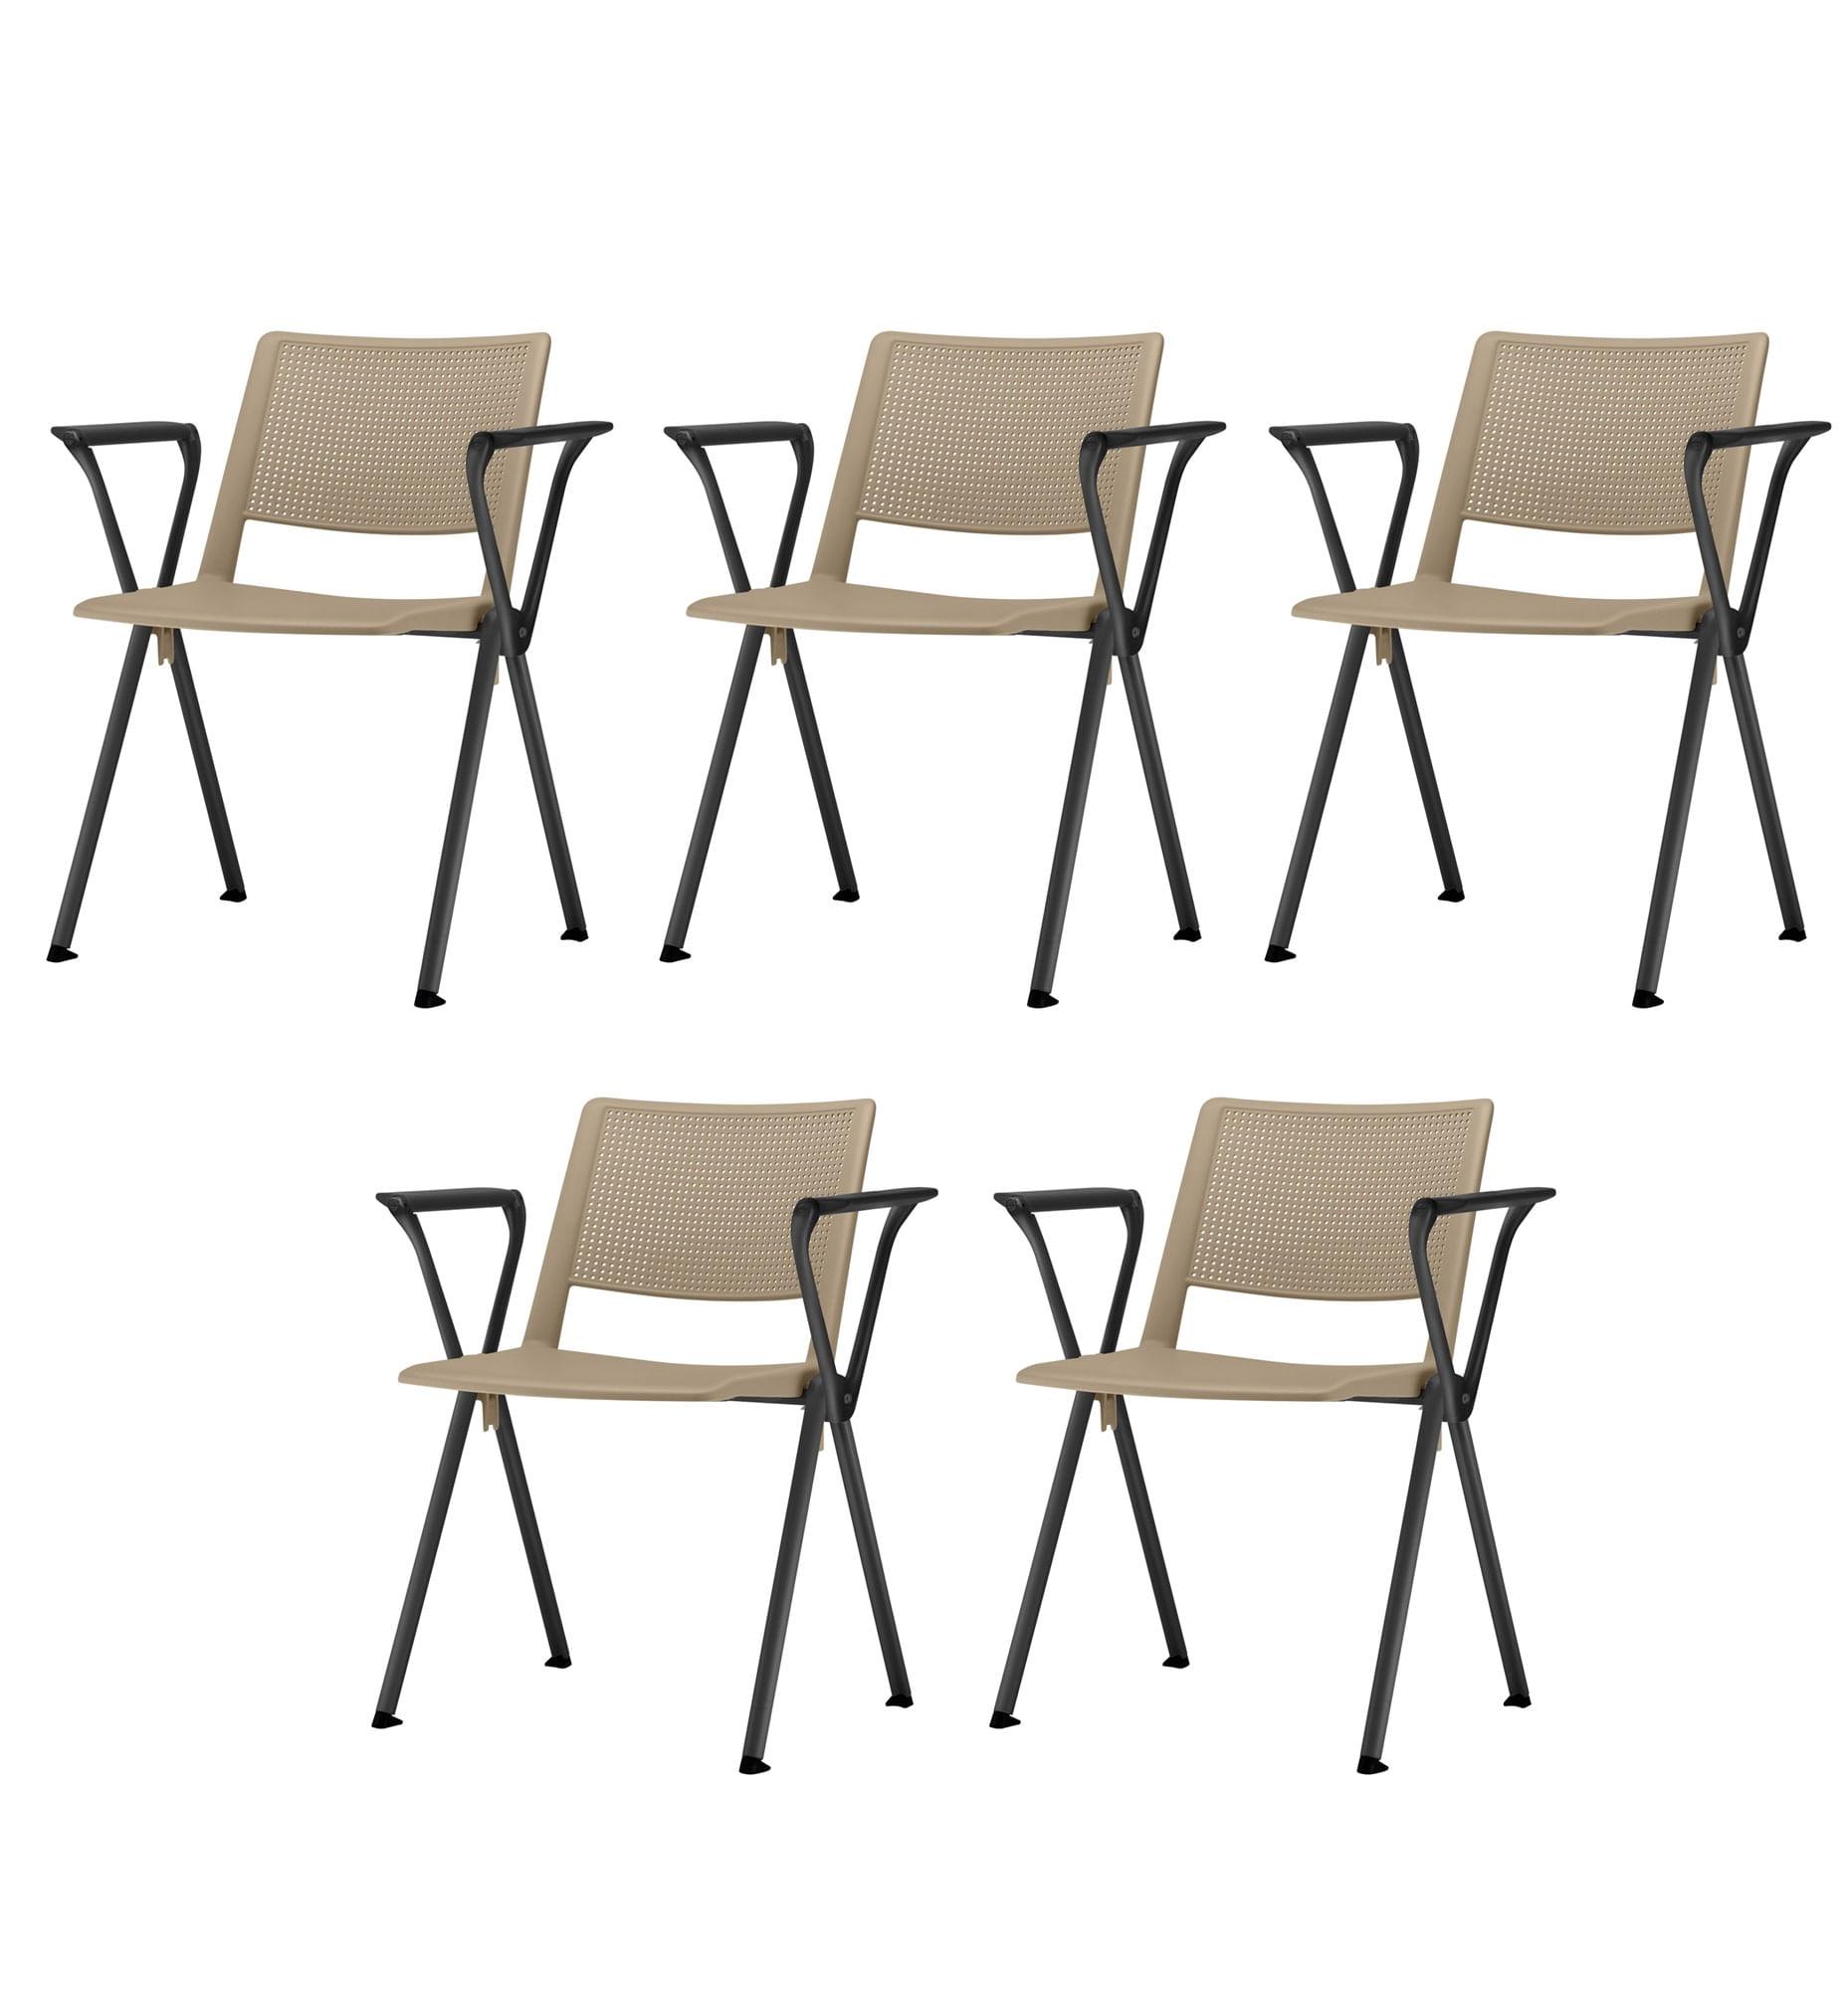 Kit 5 Cadeiras Up com Bracos Assento Bege Base Fixa Preta - 57811